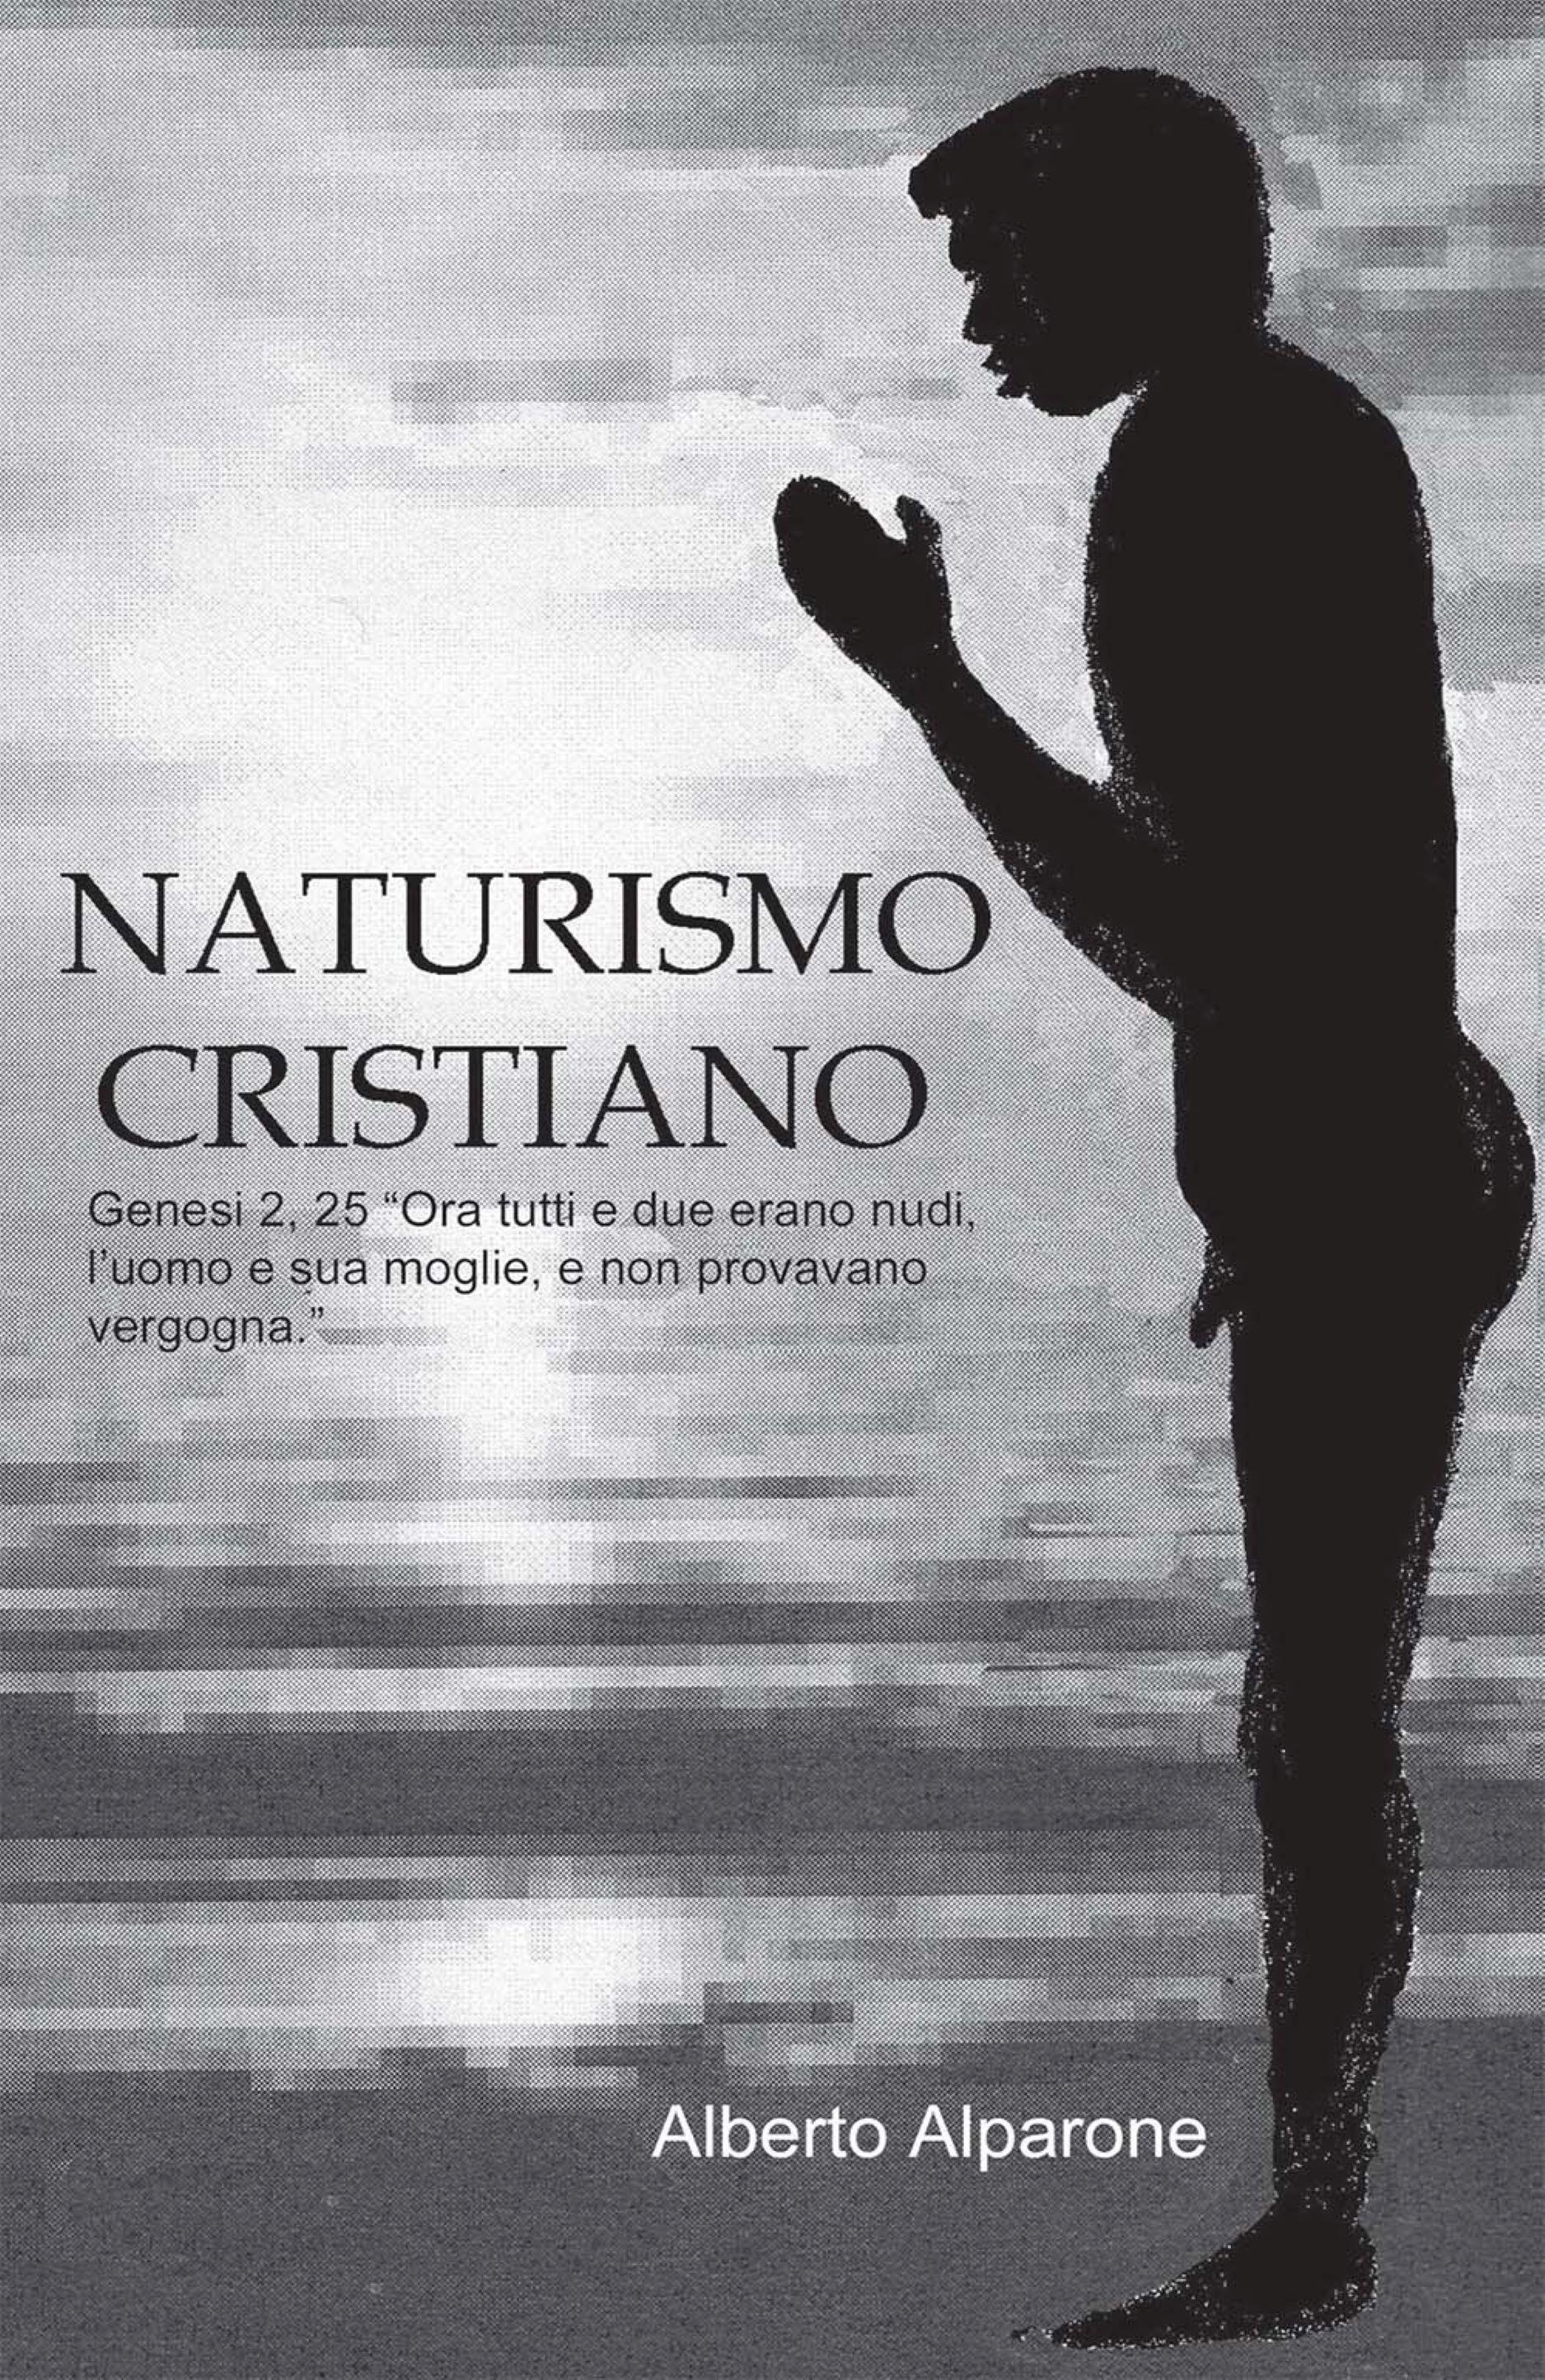 Naturismo cristiano